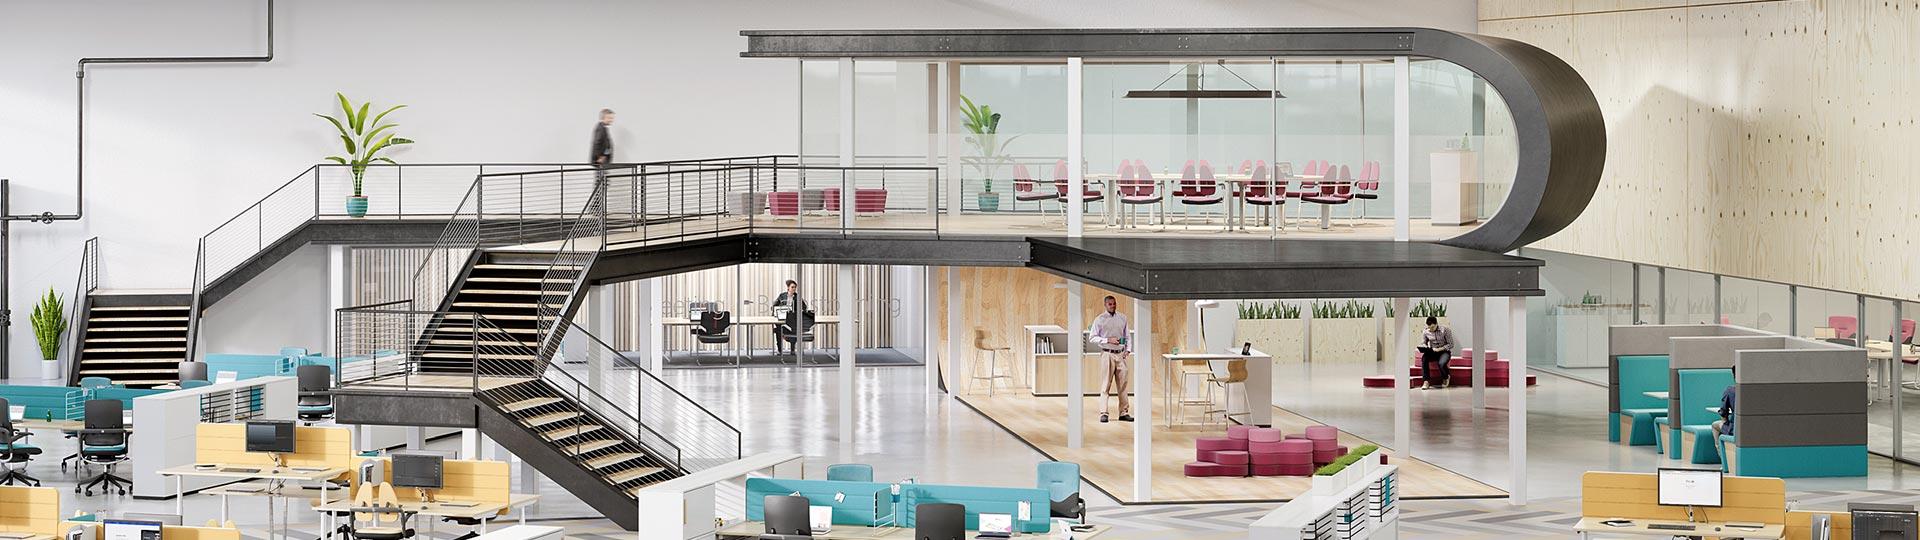 Décoration intérieure pour les espaces professionnels